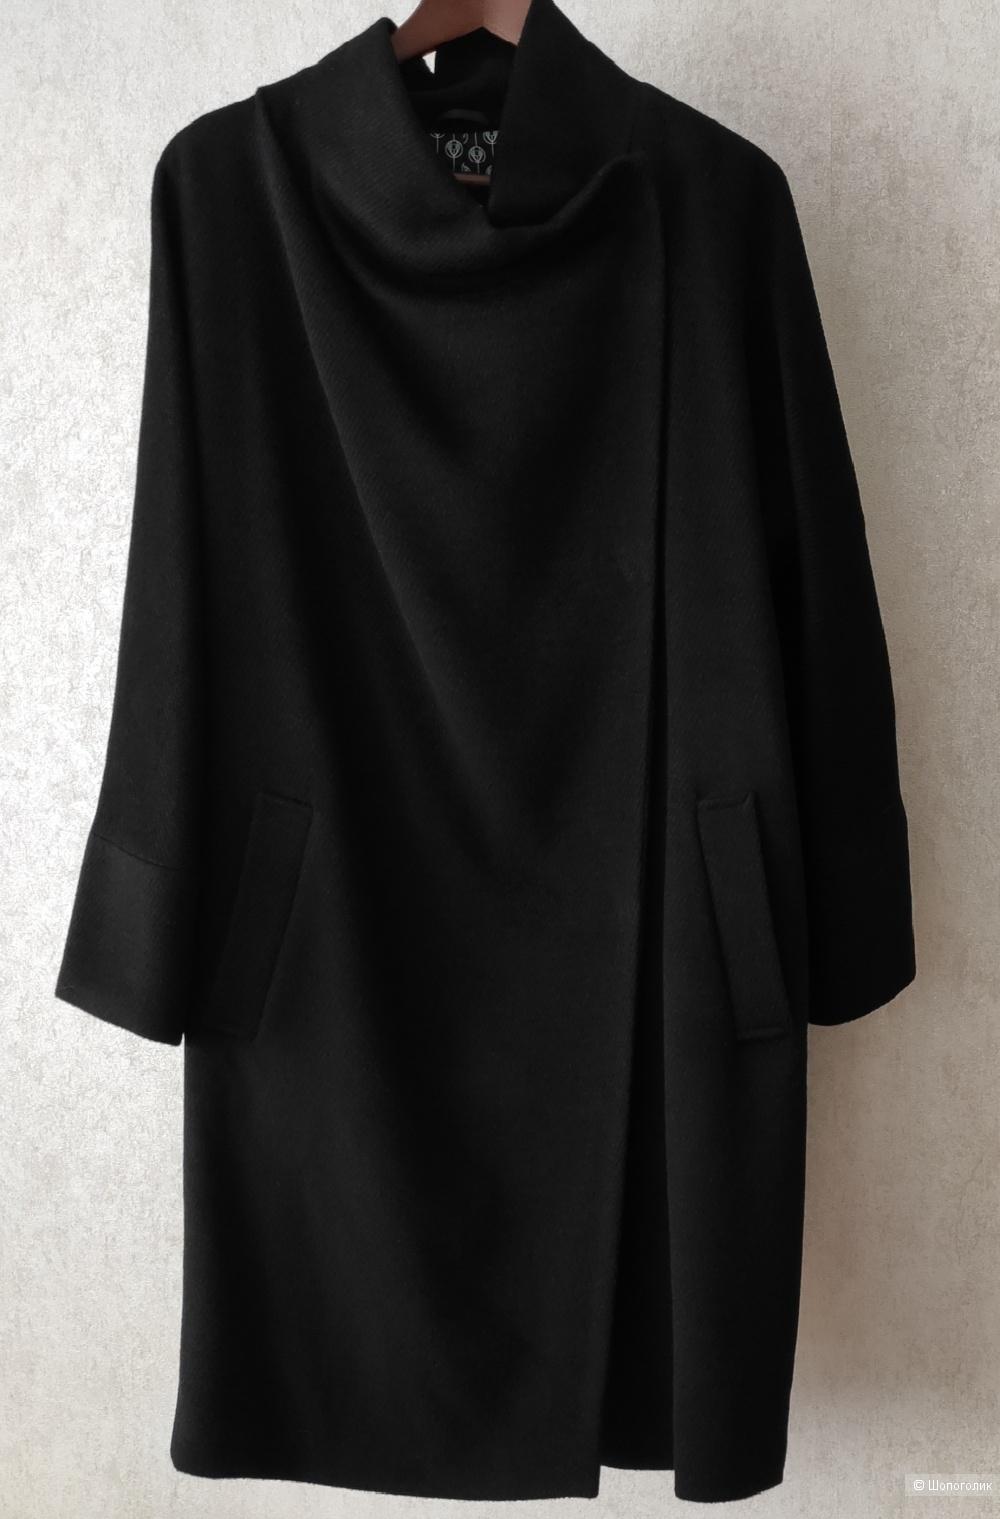 Пальто Immagi альпака/кашемир, на 46-48